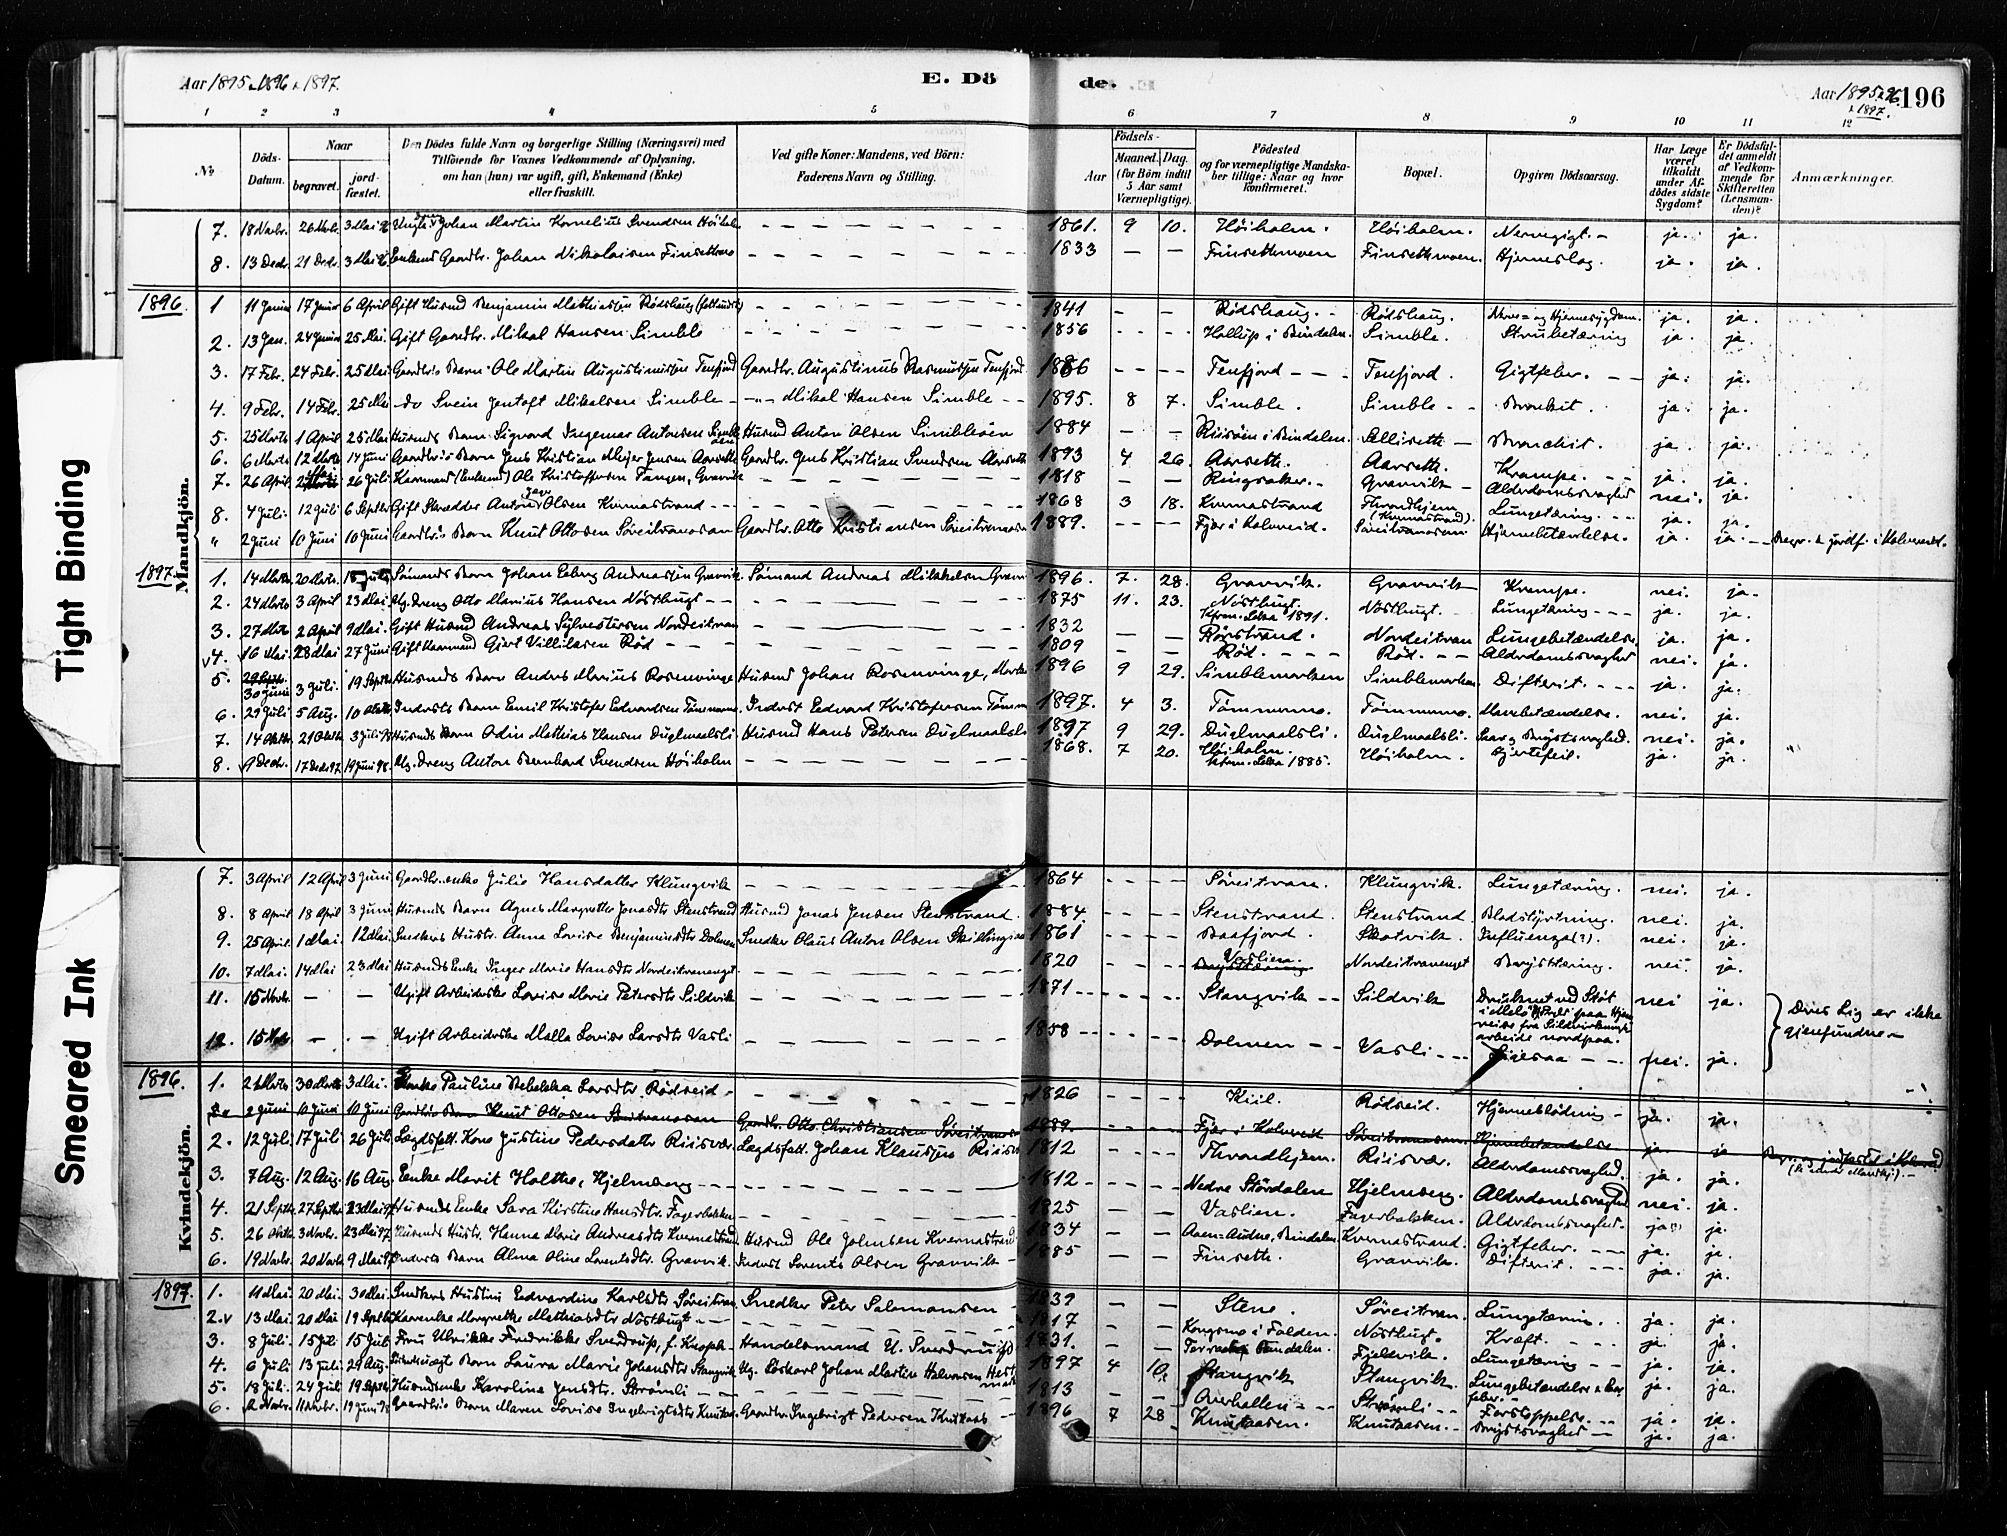 SAT, Ministerialprotokoller, klokkerbøker og fødselsregistre - Nord-Trøndelag, 789/L0705: Ministerialbok nr. 789A01, 1878-1910, s. 196